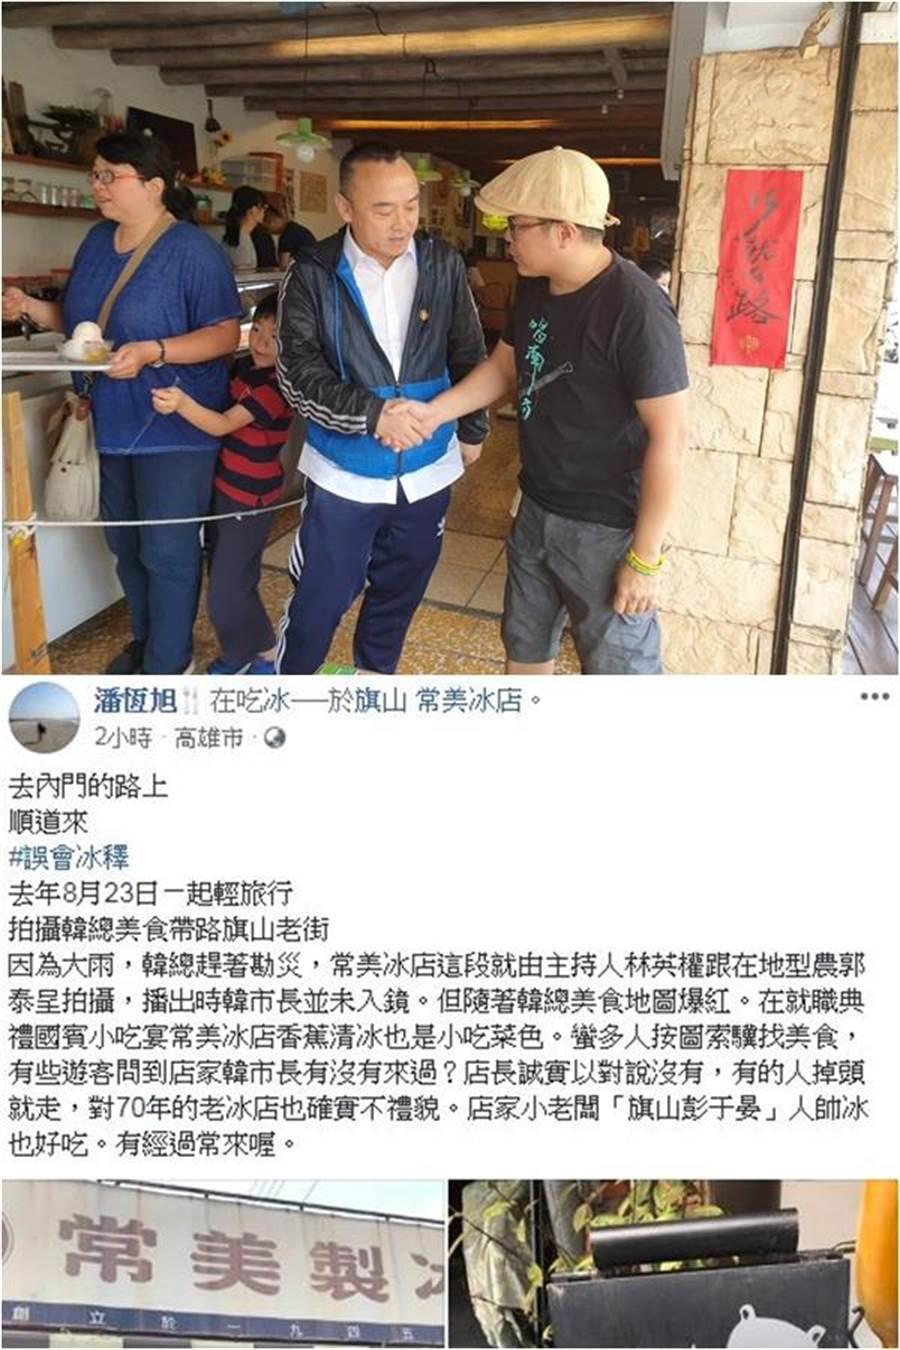 潘恒旭今天親自到常美冰店吃冰,也在臉書以「誤會冰釋」為題發文,解釋這一段風坡的來龍去脈。(圖/翻攝自潘恒旭FB)